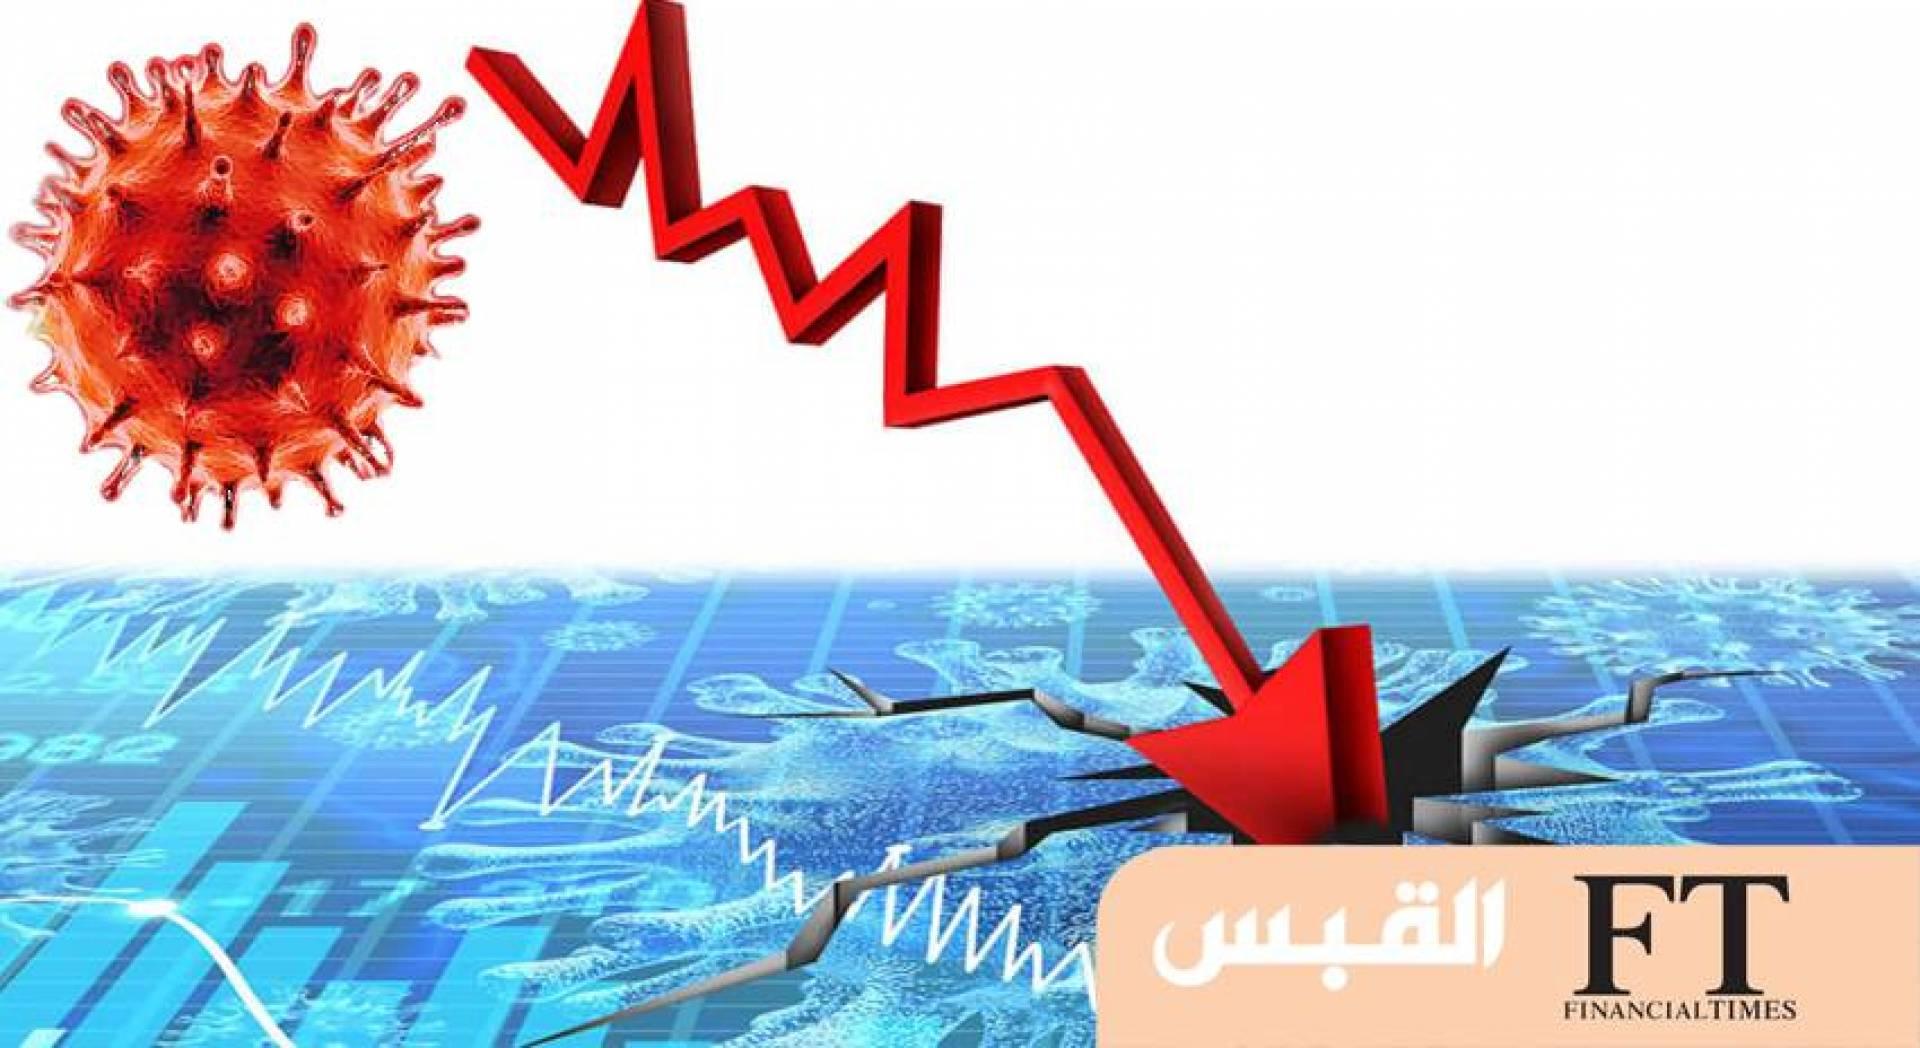 بالأرقام والإحصائيات.. هكذا دفع «كورونا» الاقتصاد العالمي إلى الركود